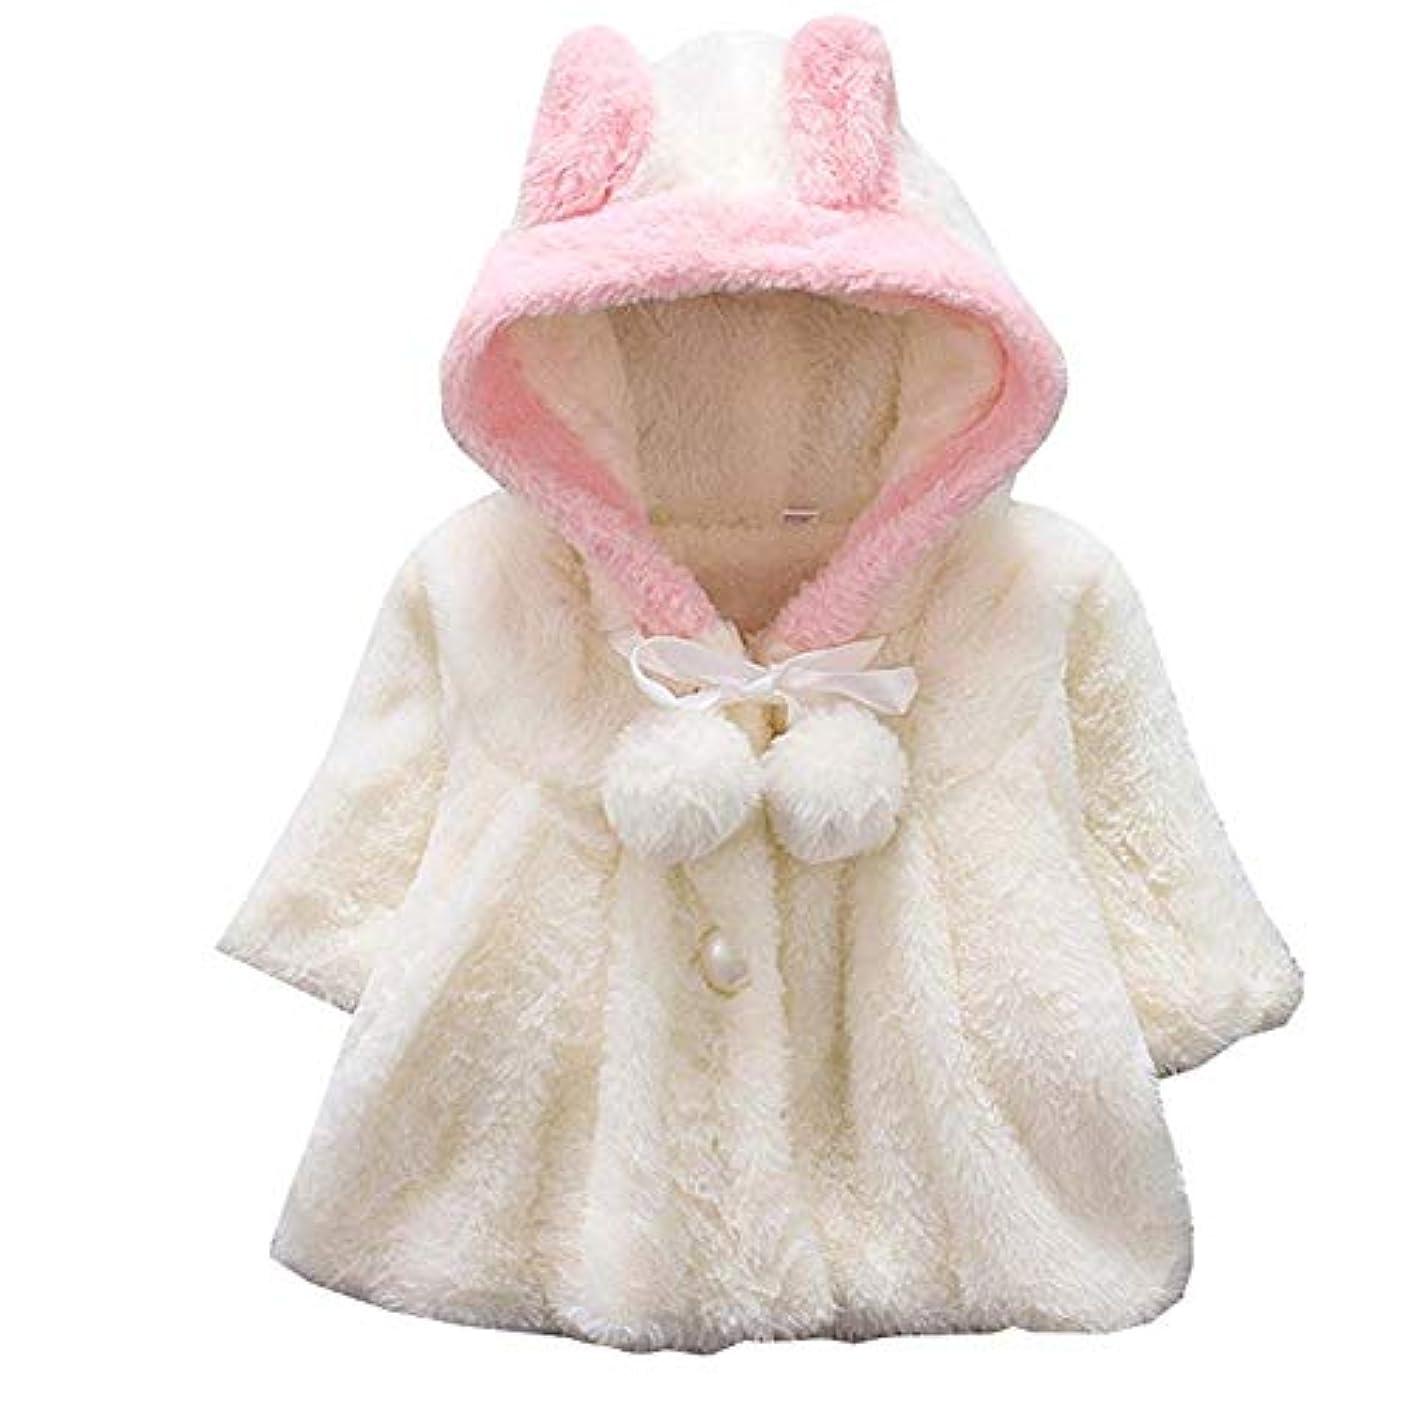 記事曲赤ちゃんベビー服 ケープ アフター ベビーフォーマル ファーケープ コート キッズ用コートベビー キッズ コート裏起毛 ボアもこもこ ふわふわ ファーコート